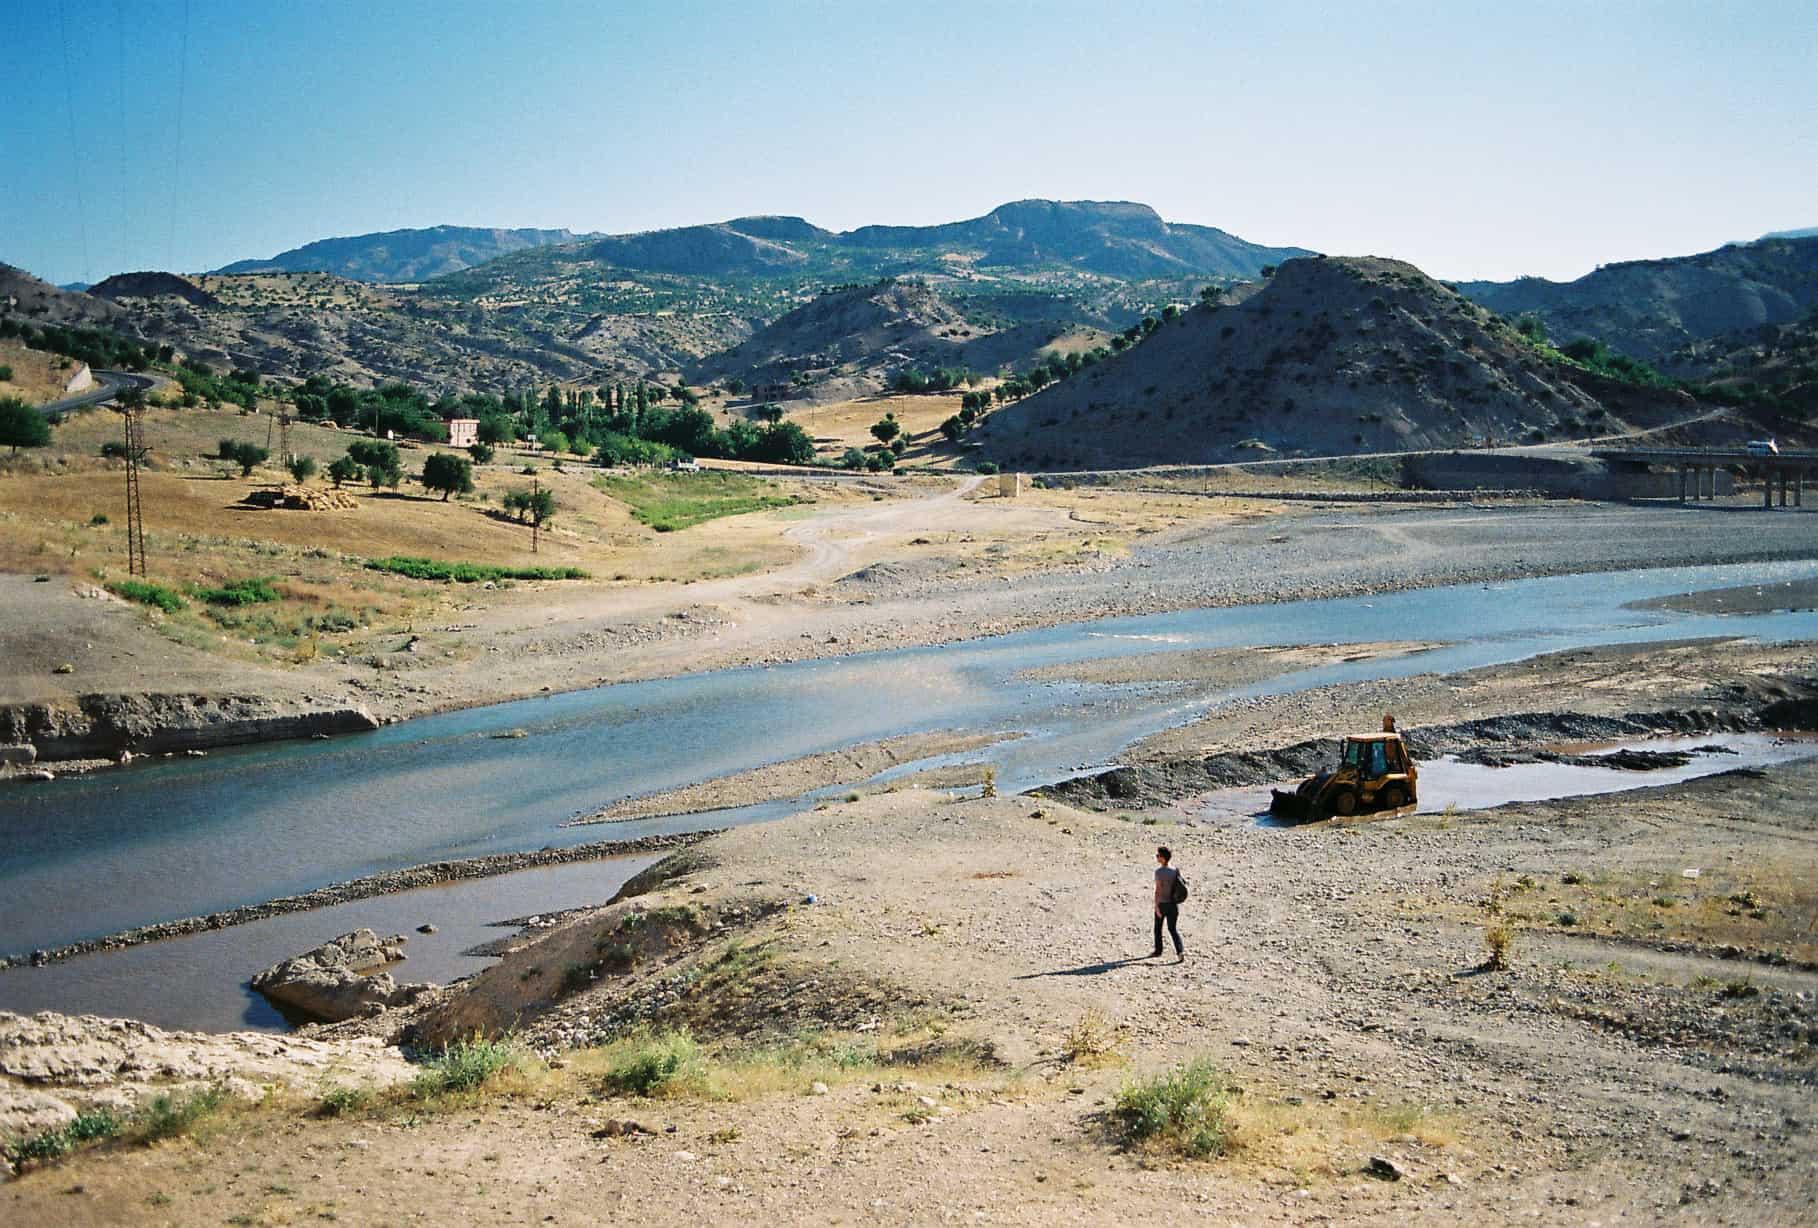 A Depleted River